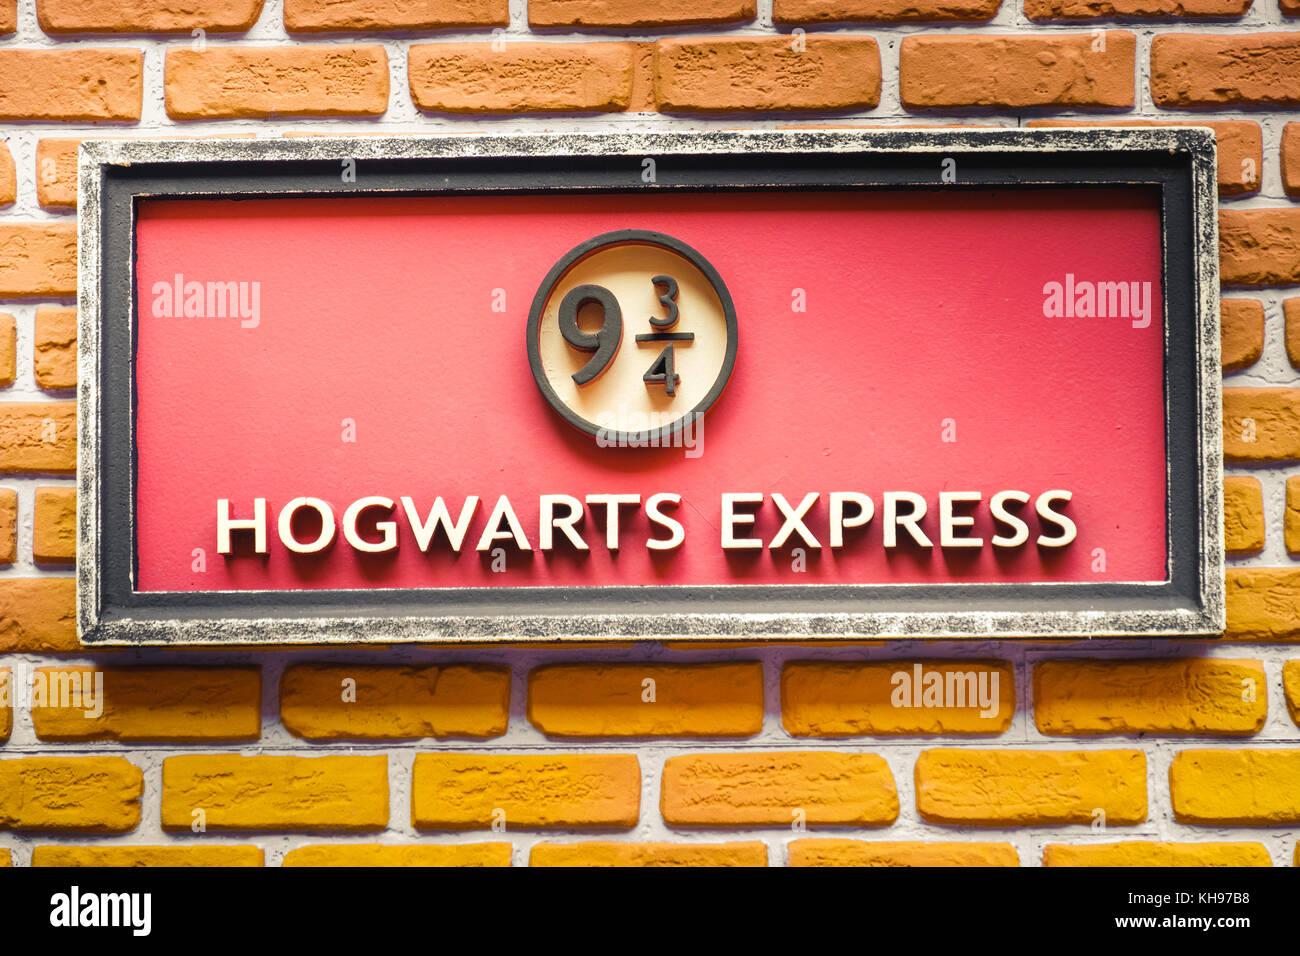 Zeichen der berühmten 9 und drei Viertel Plattform der Hogwarts Express Zug von der Harry Potter Saga - Ferrara, Stockbild